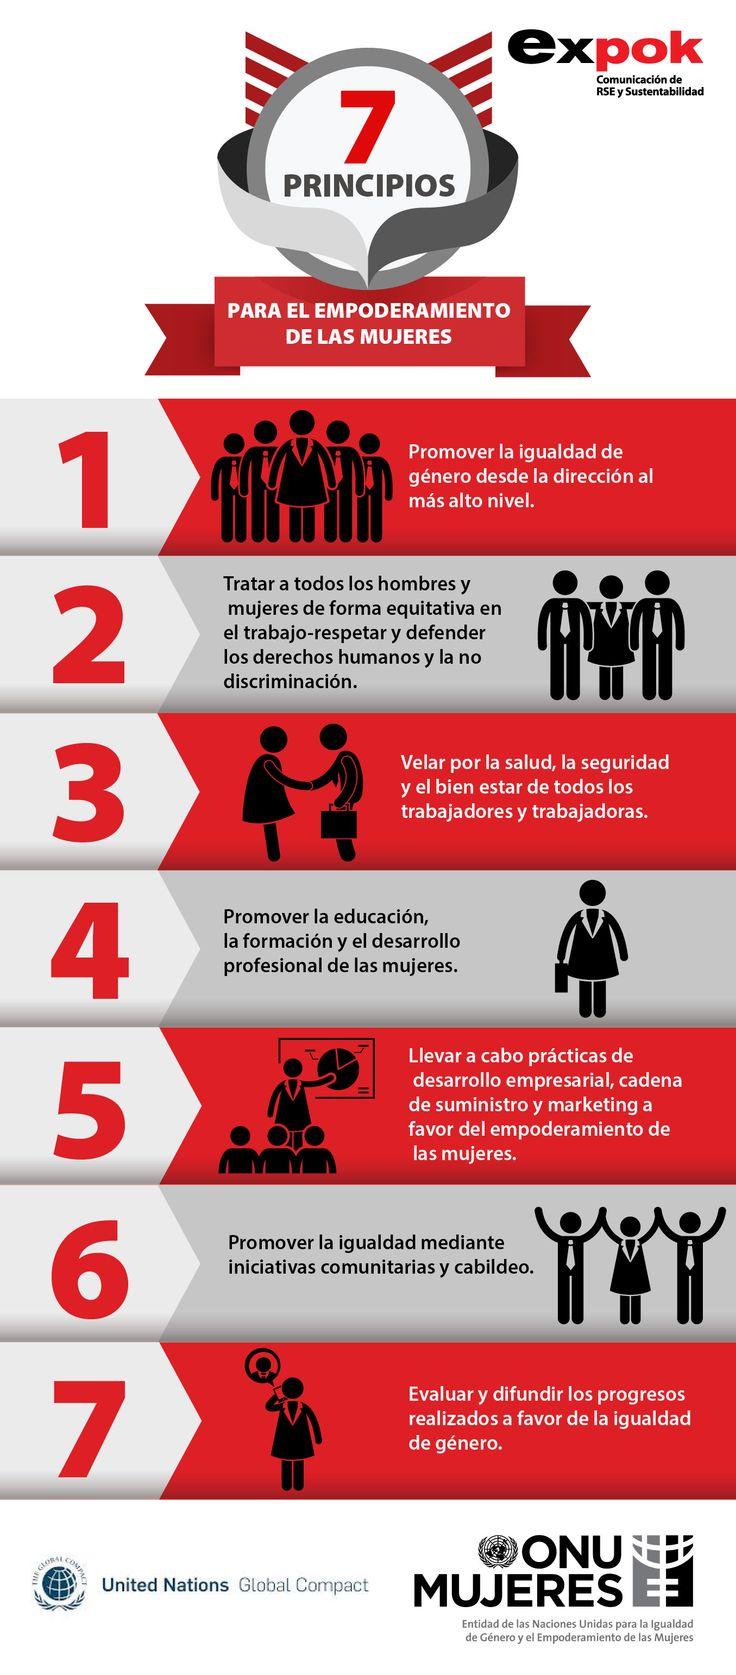 Los 7 principios de la ONU para el empoderamiento de la mujer